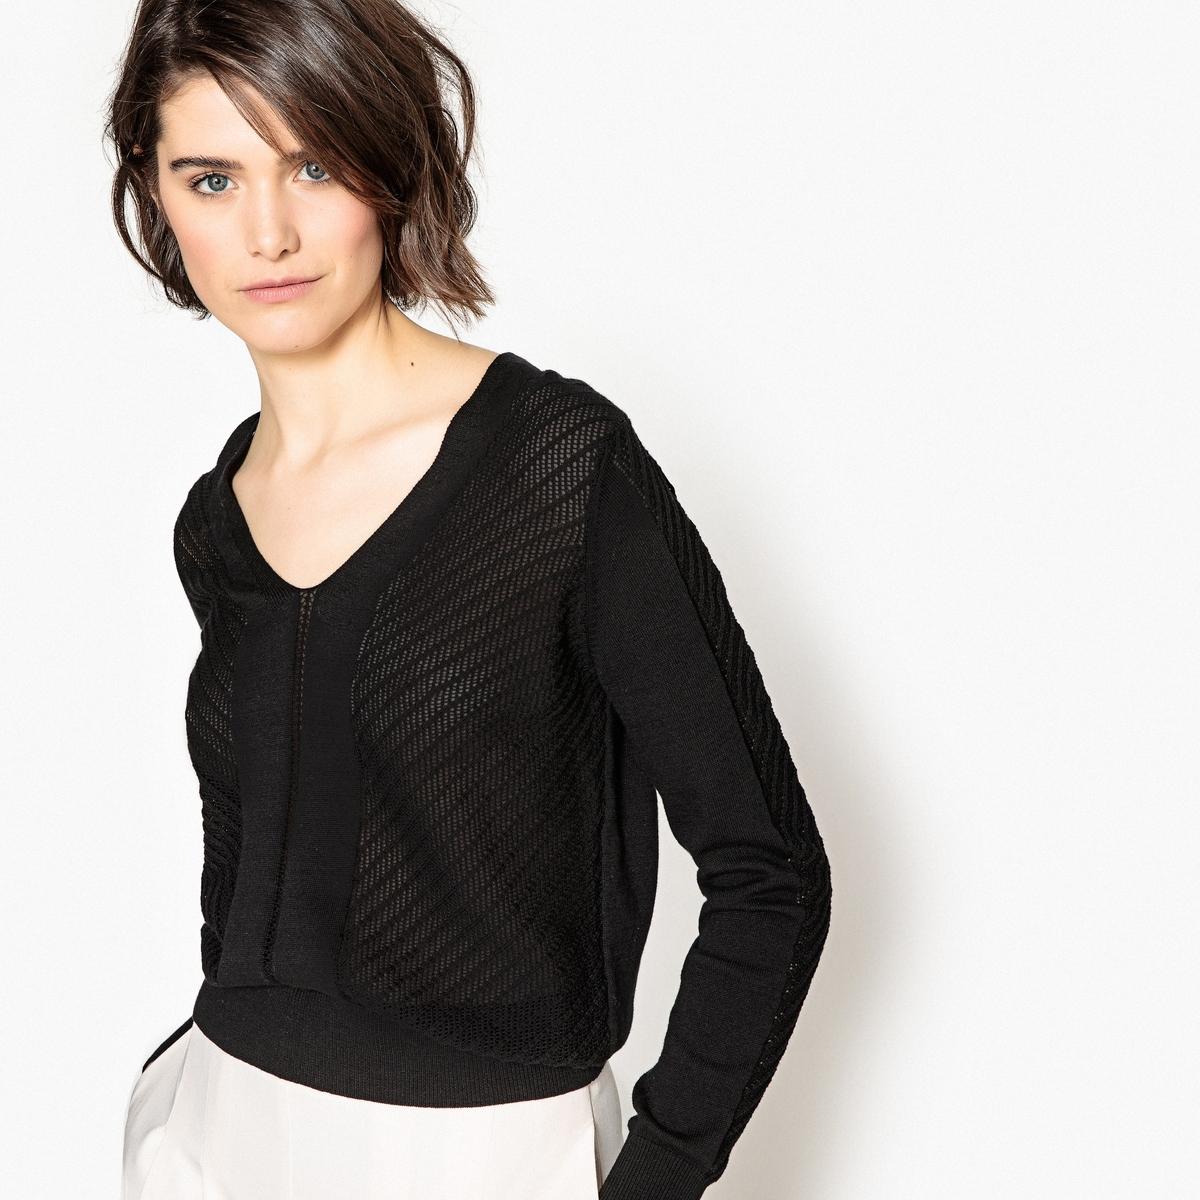 Пуловер с V-образным вырезом и длинными рукавами из тонкого ажурного трикотажа